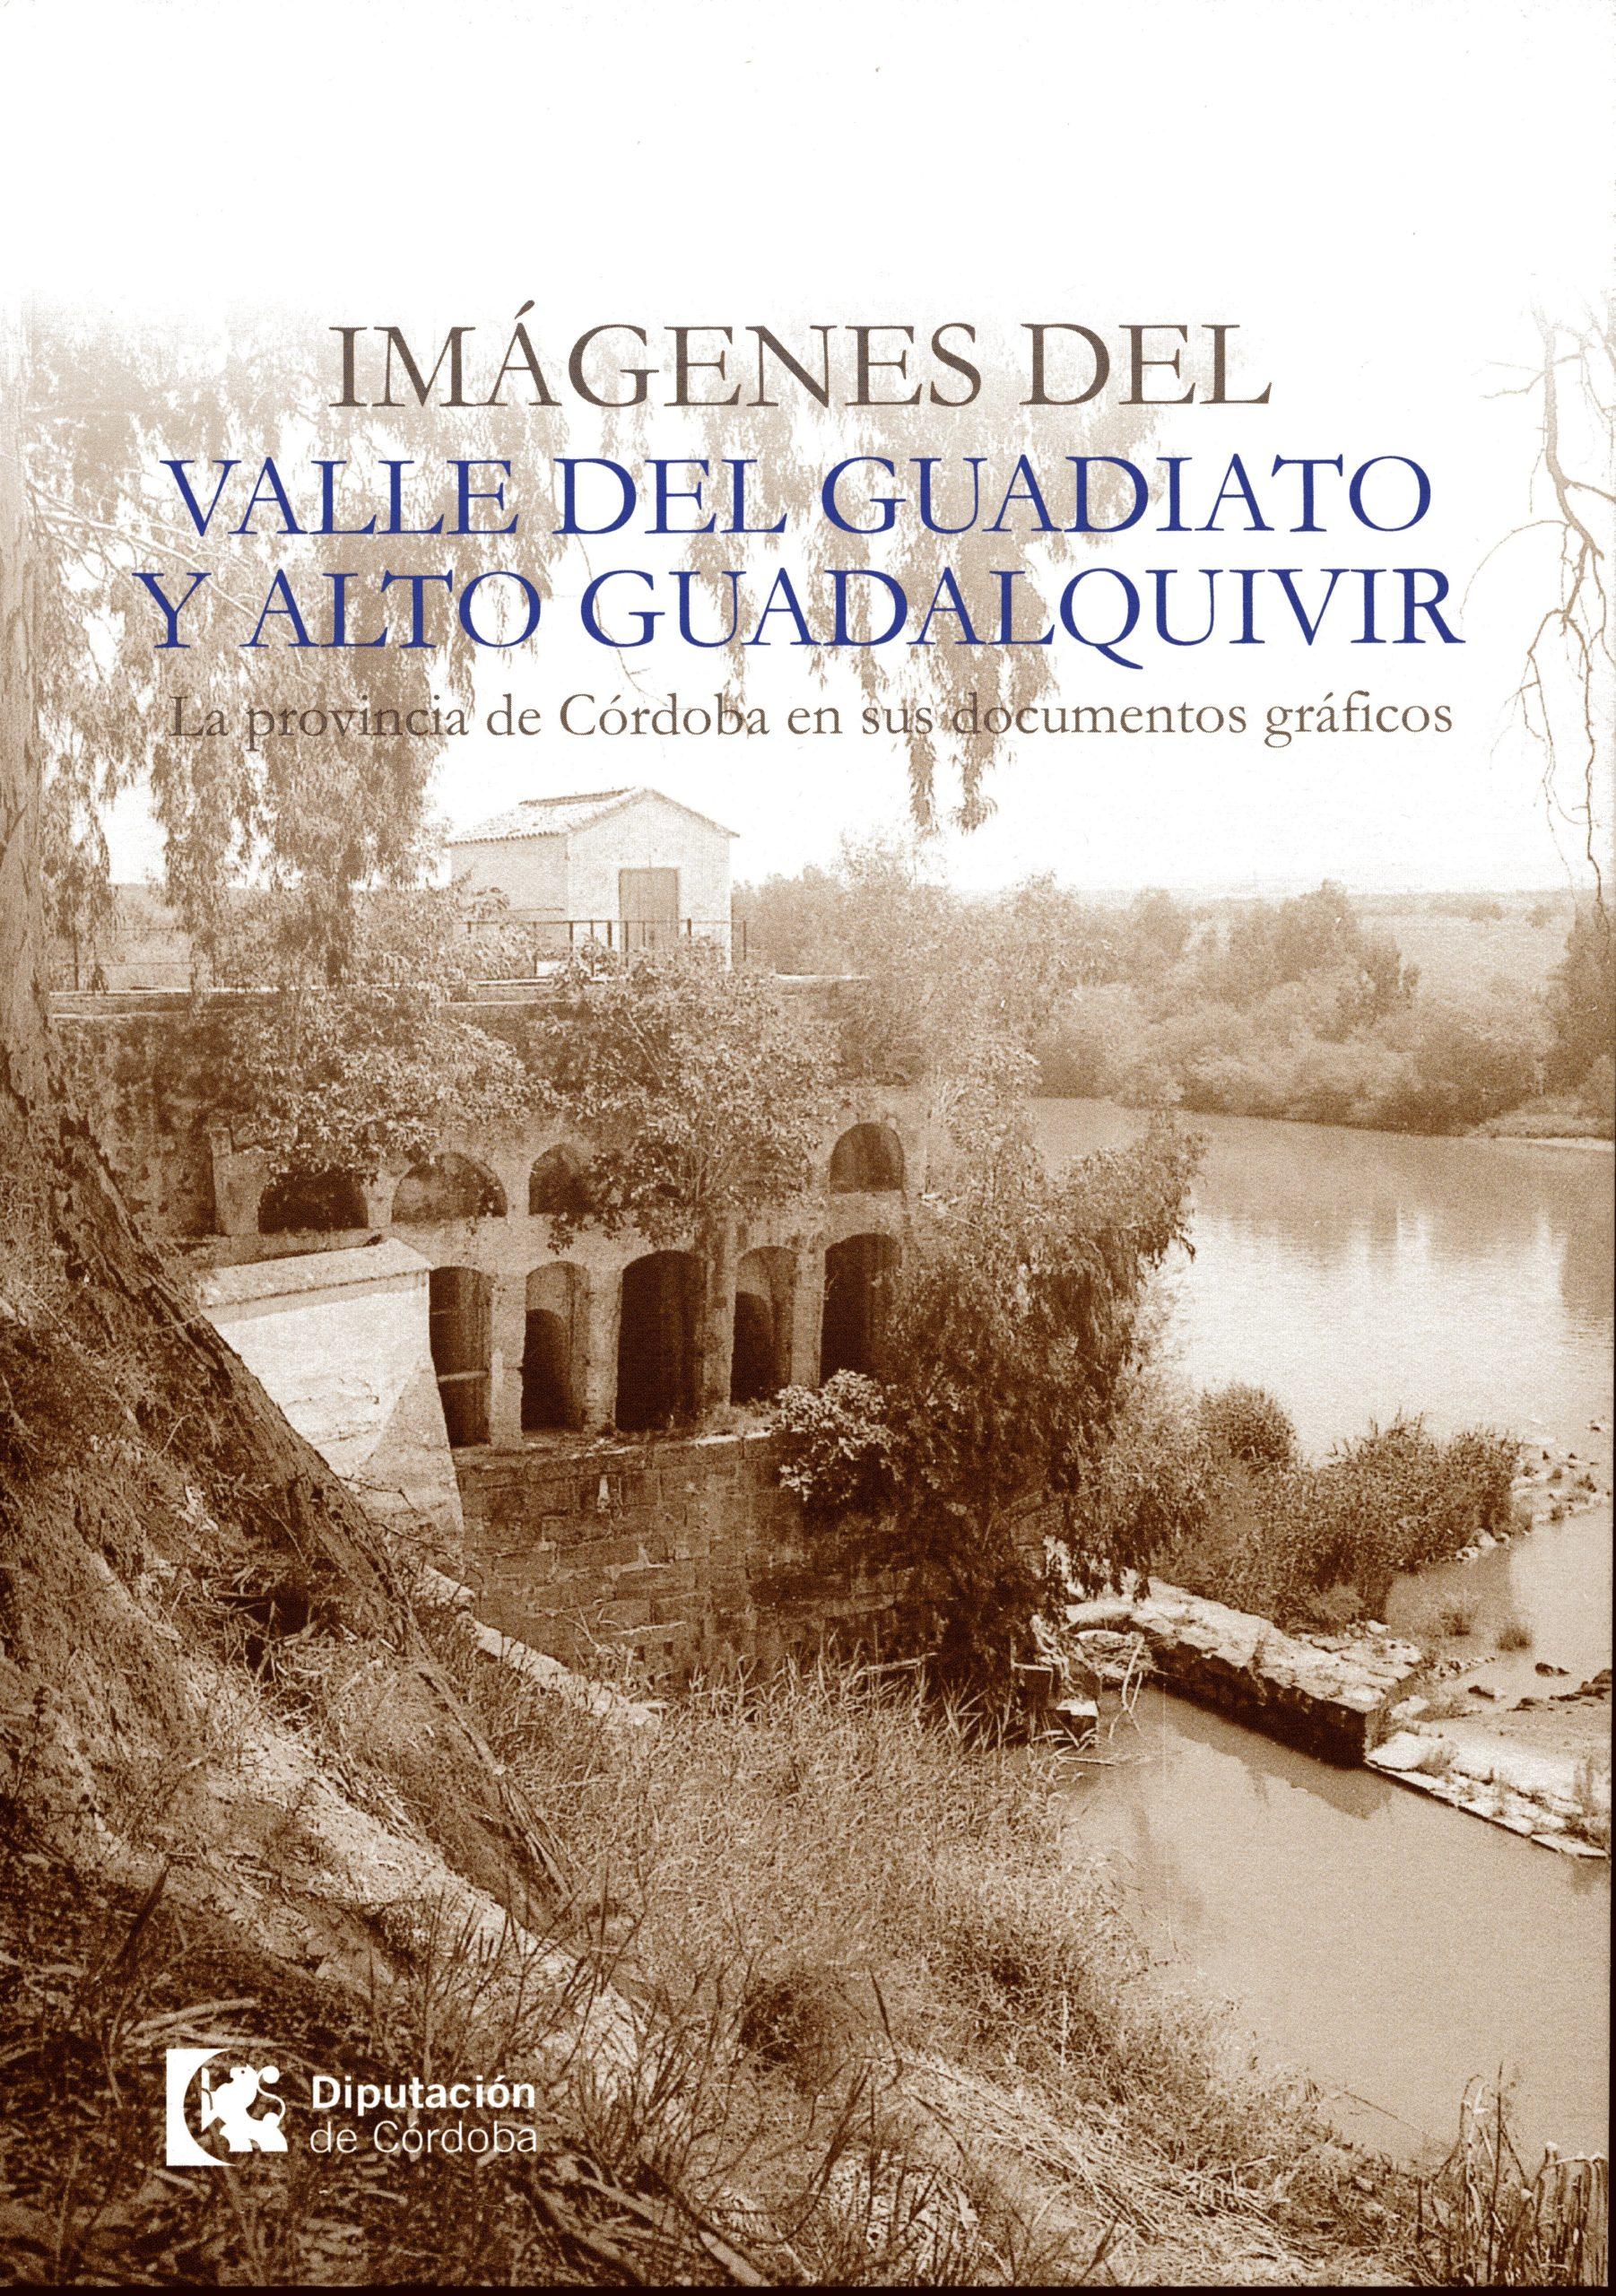 Imágenes del Guadiato y Alto Guadalquivir, 2010